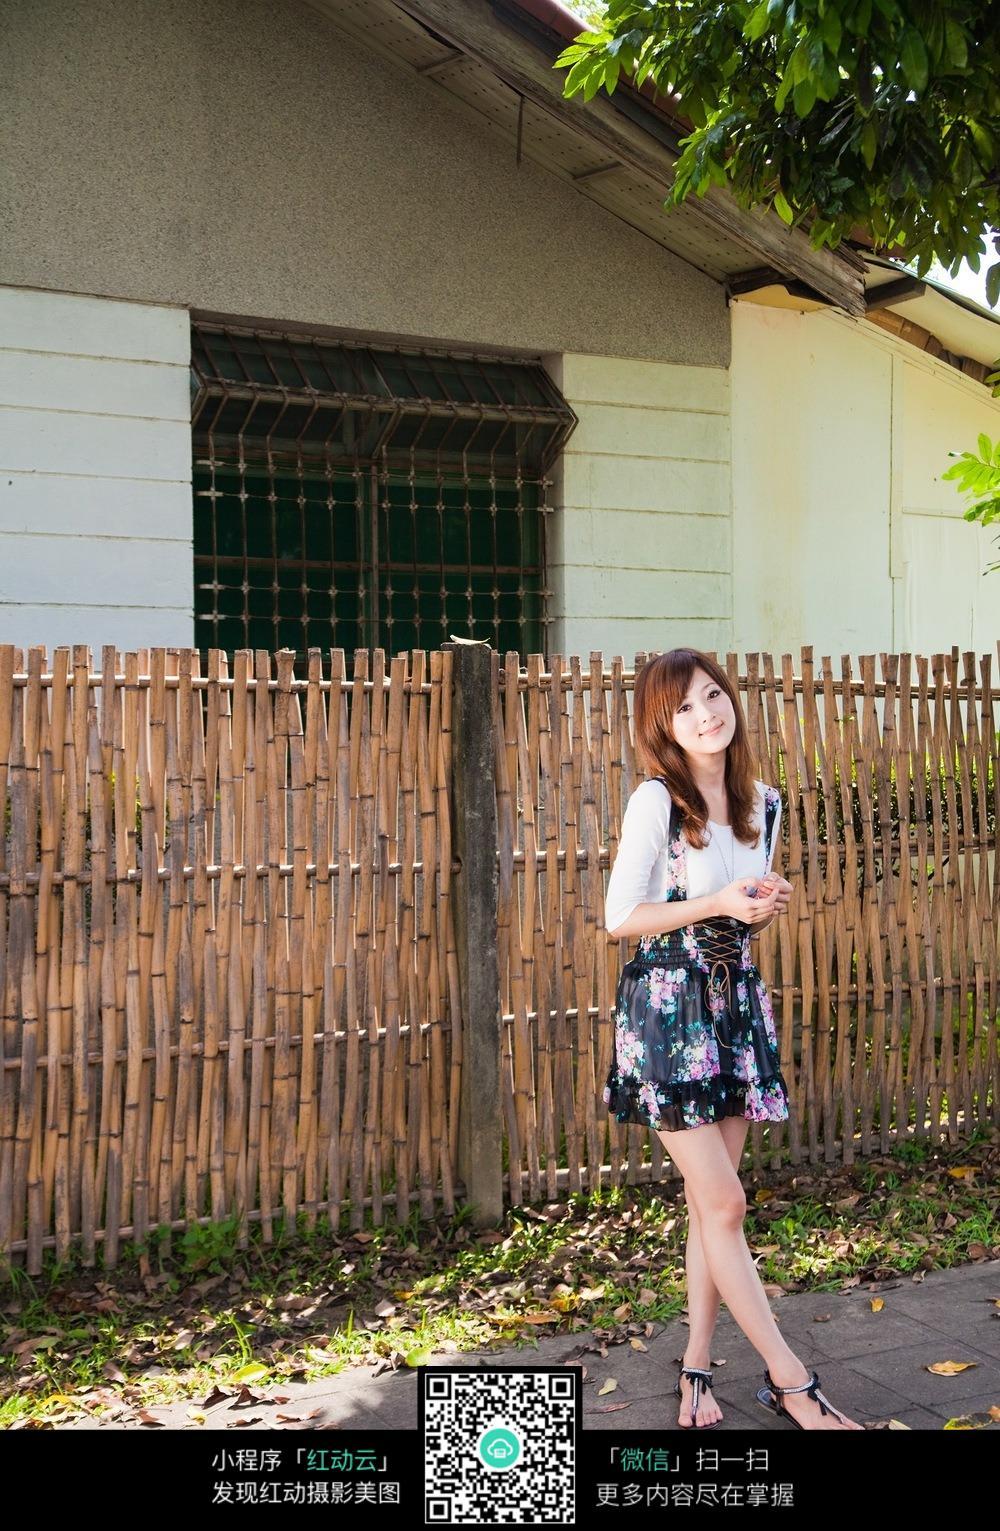 免费素材 图片素材 人物图片 女性女人 农家栅栏旁的清纯少女